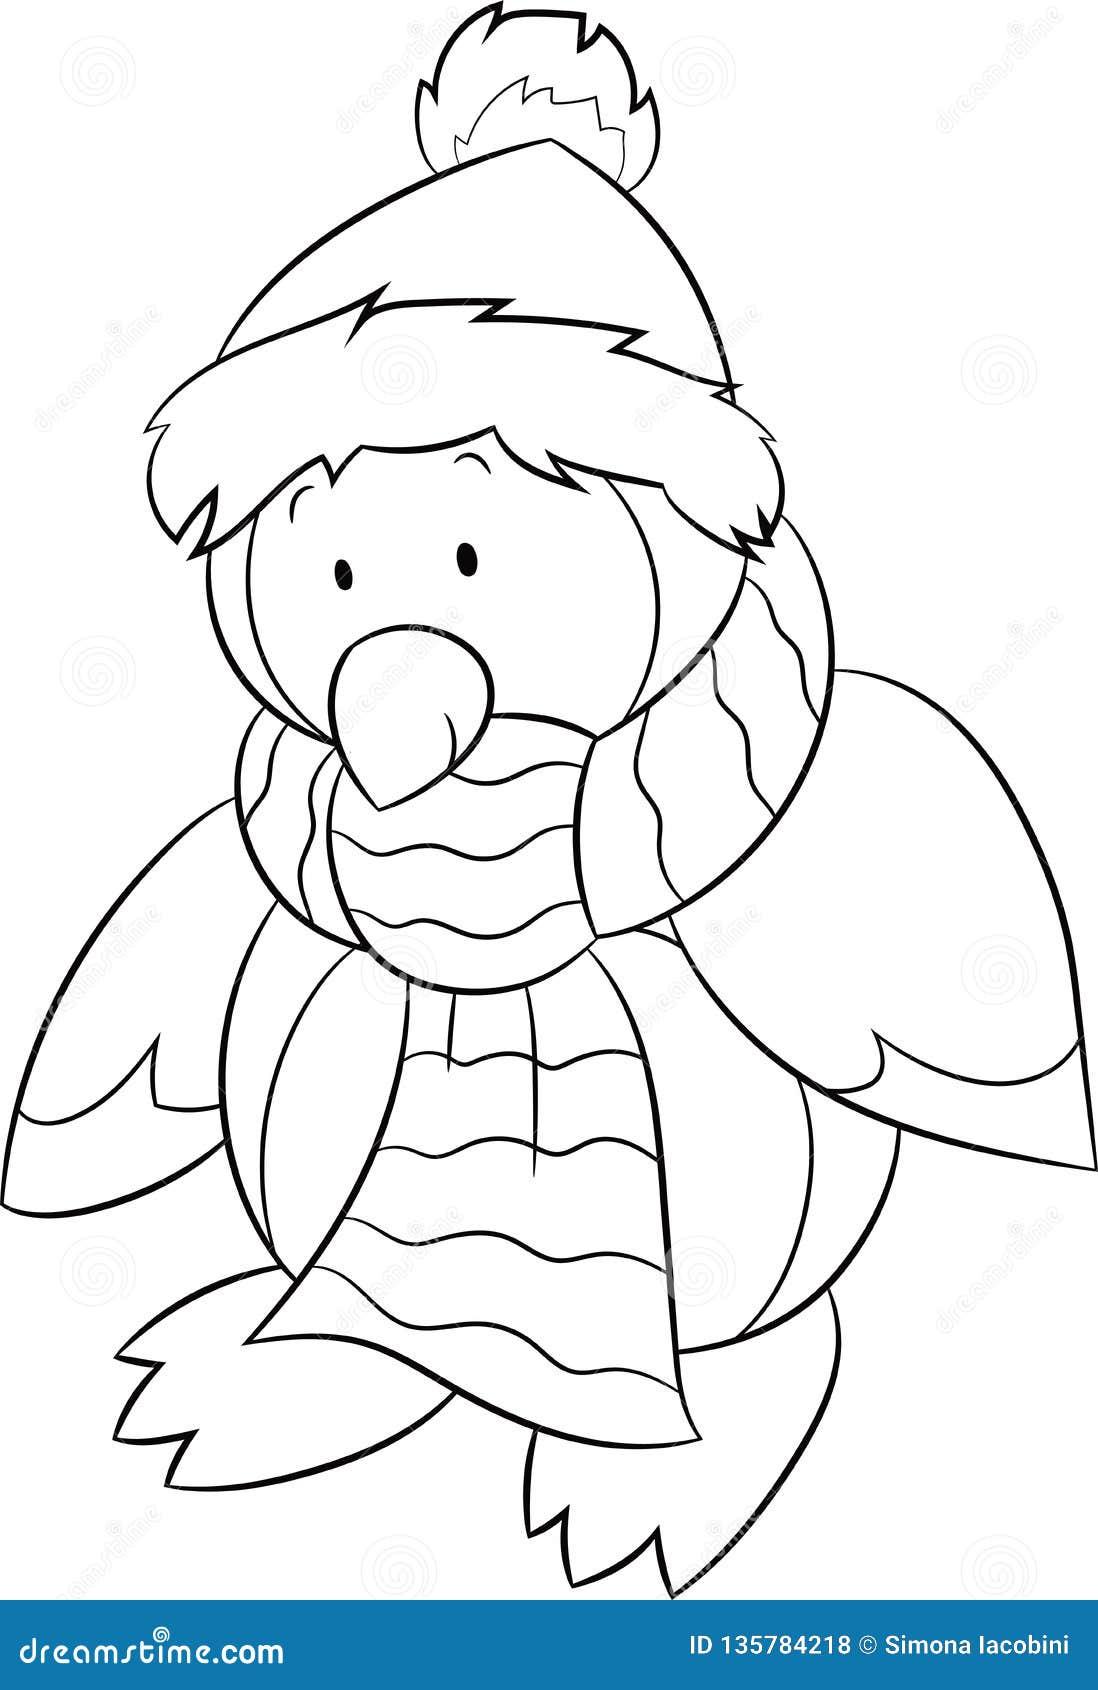 Coloriage Pingouin Kawaii.L Illustration Noire Et Blanche D Un Pingouin De Bebe Habillee Pour